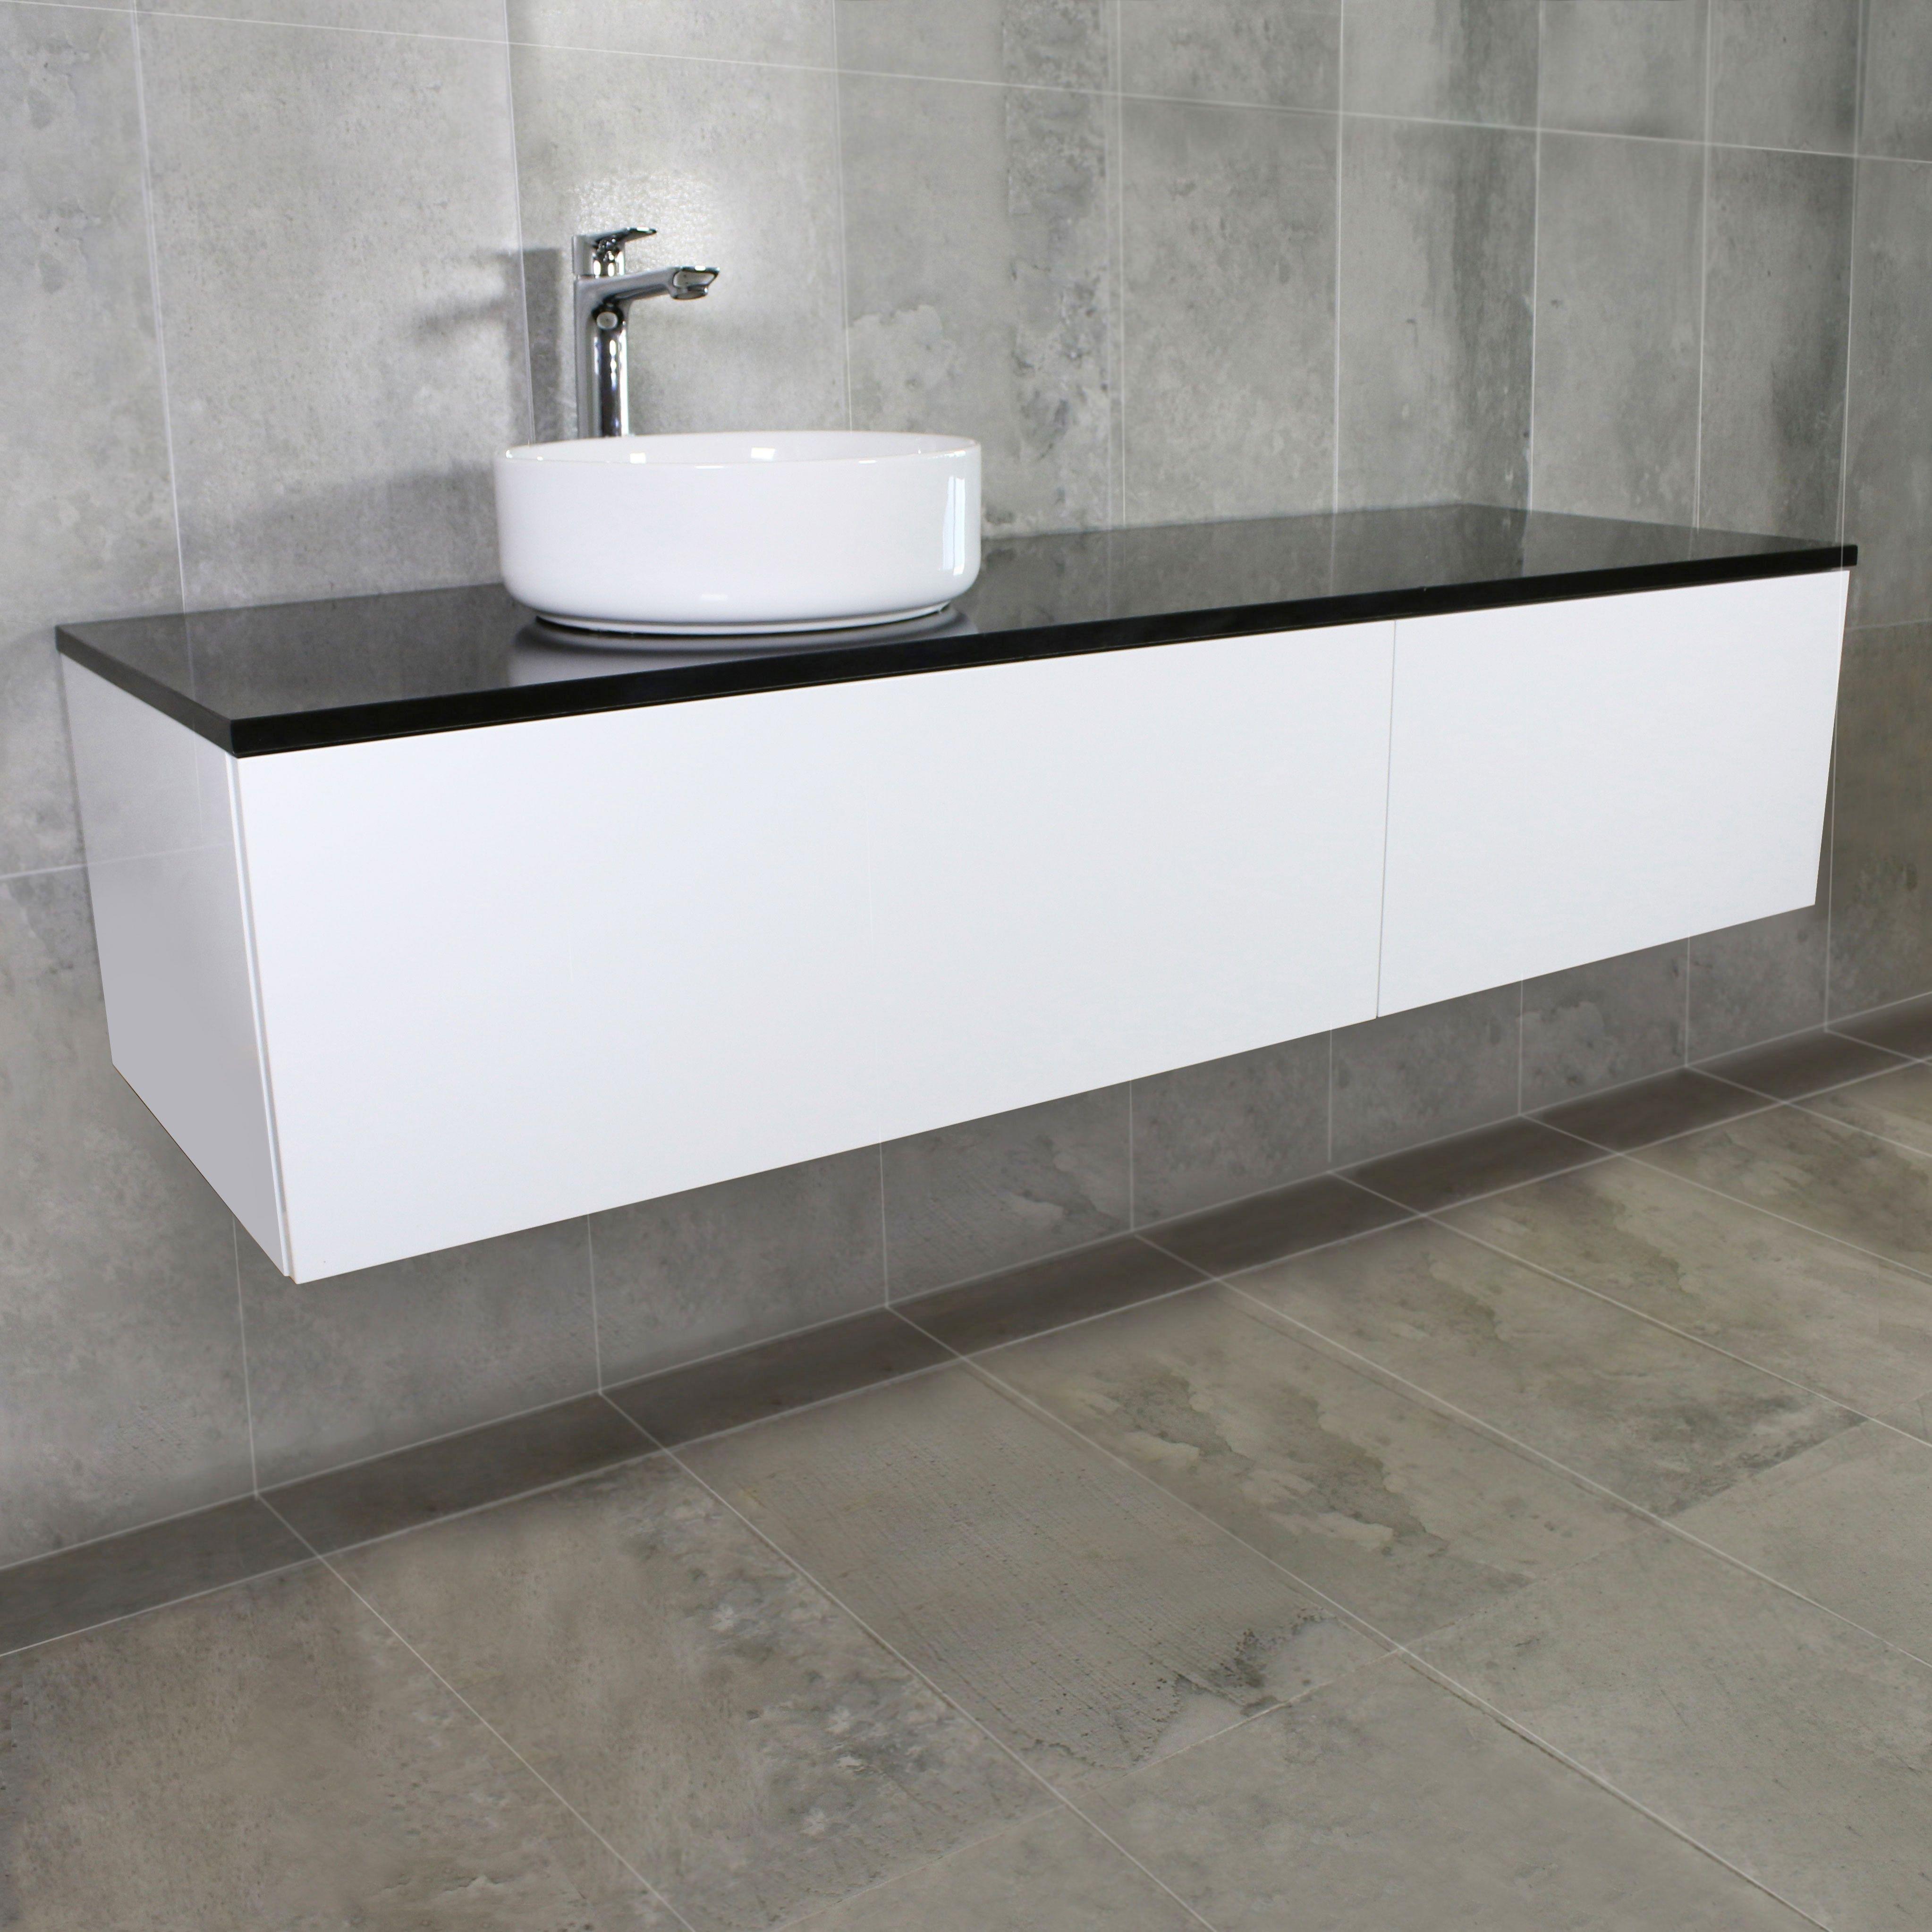 29+ Bathroom vanity cabinets no tops diy